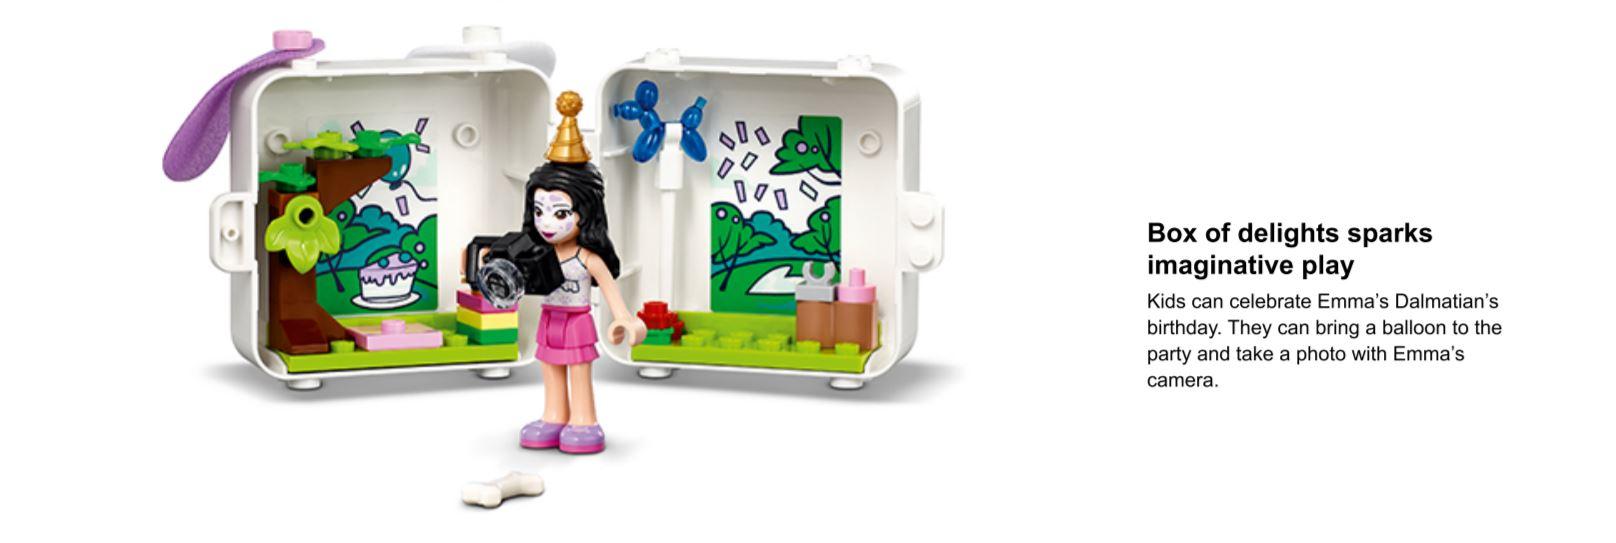 opened lego cube set